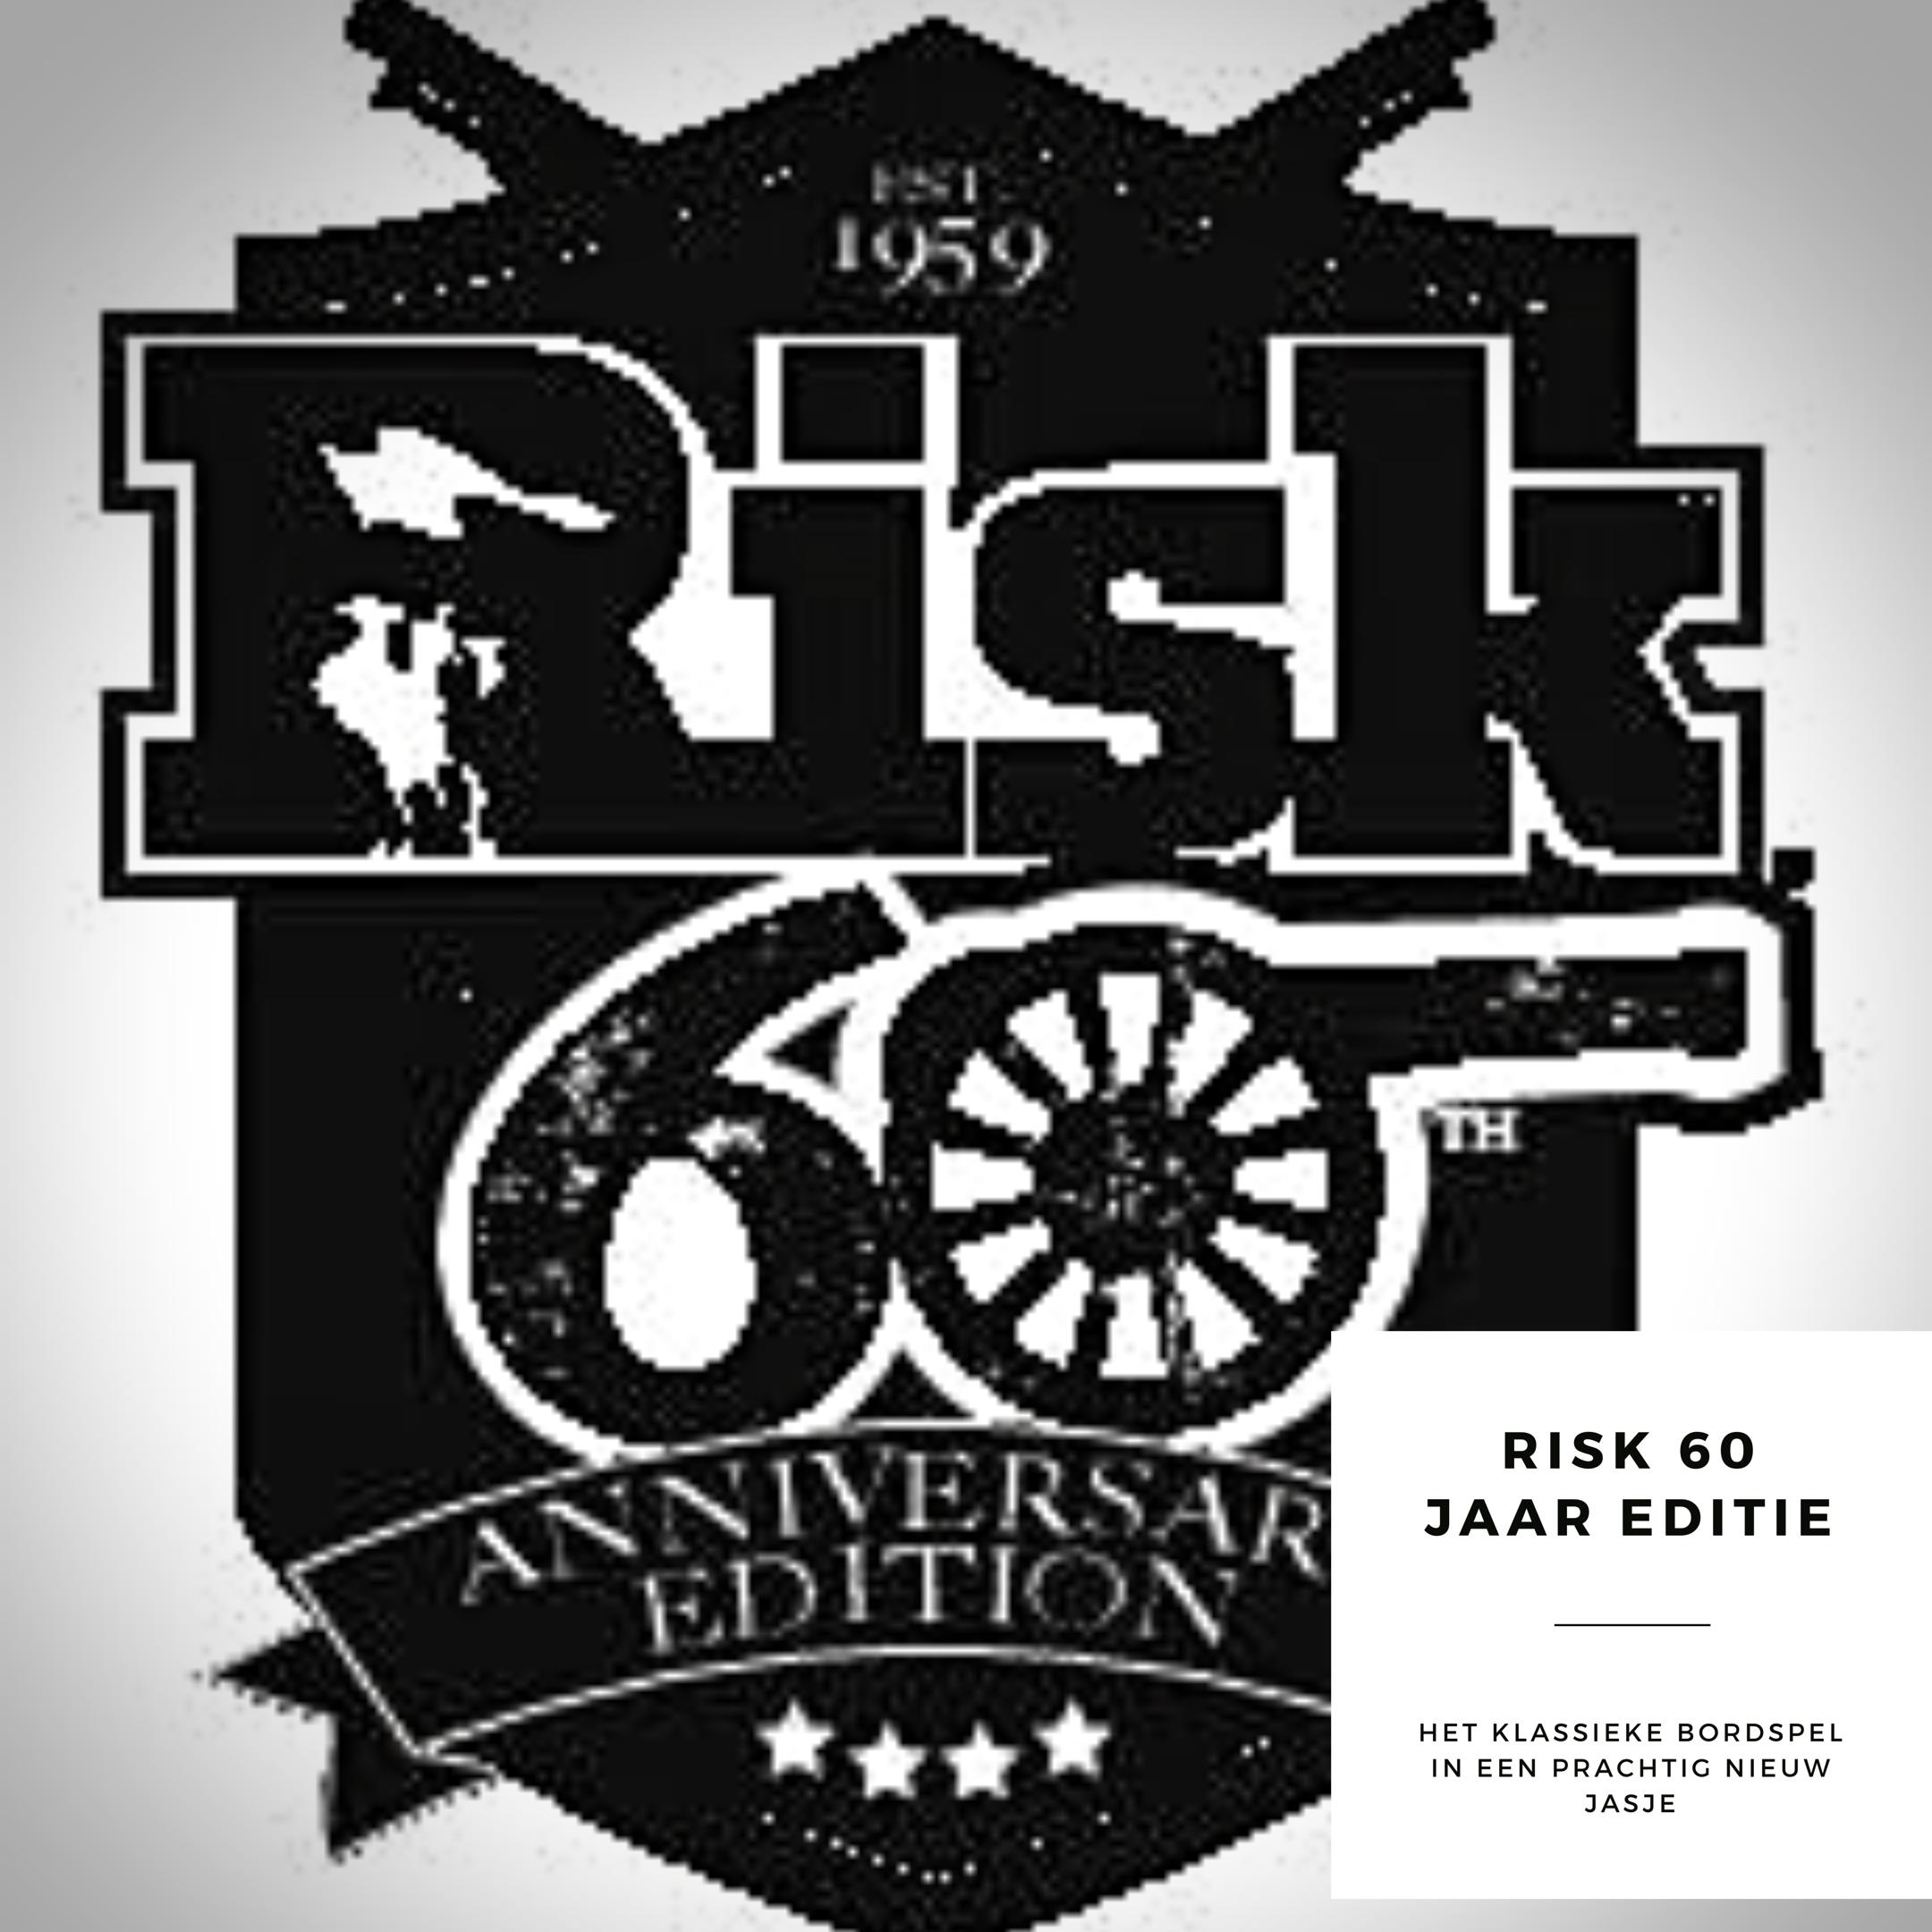 Super Risk bestaat 60 jaar! Tijd voor een feestje! - Olivette WS-17